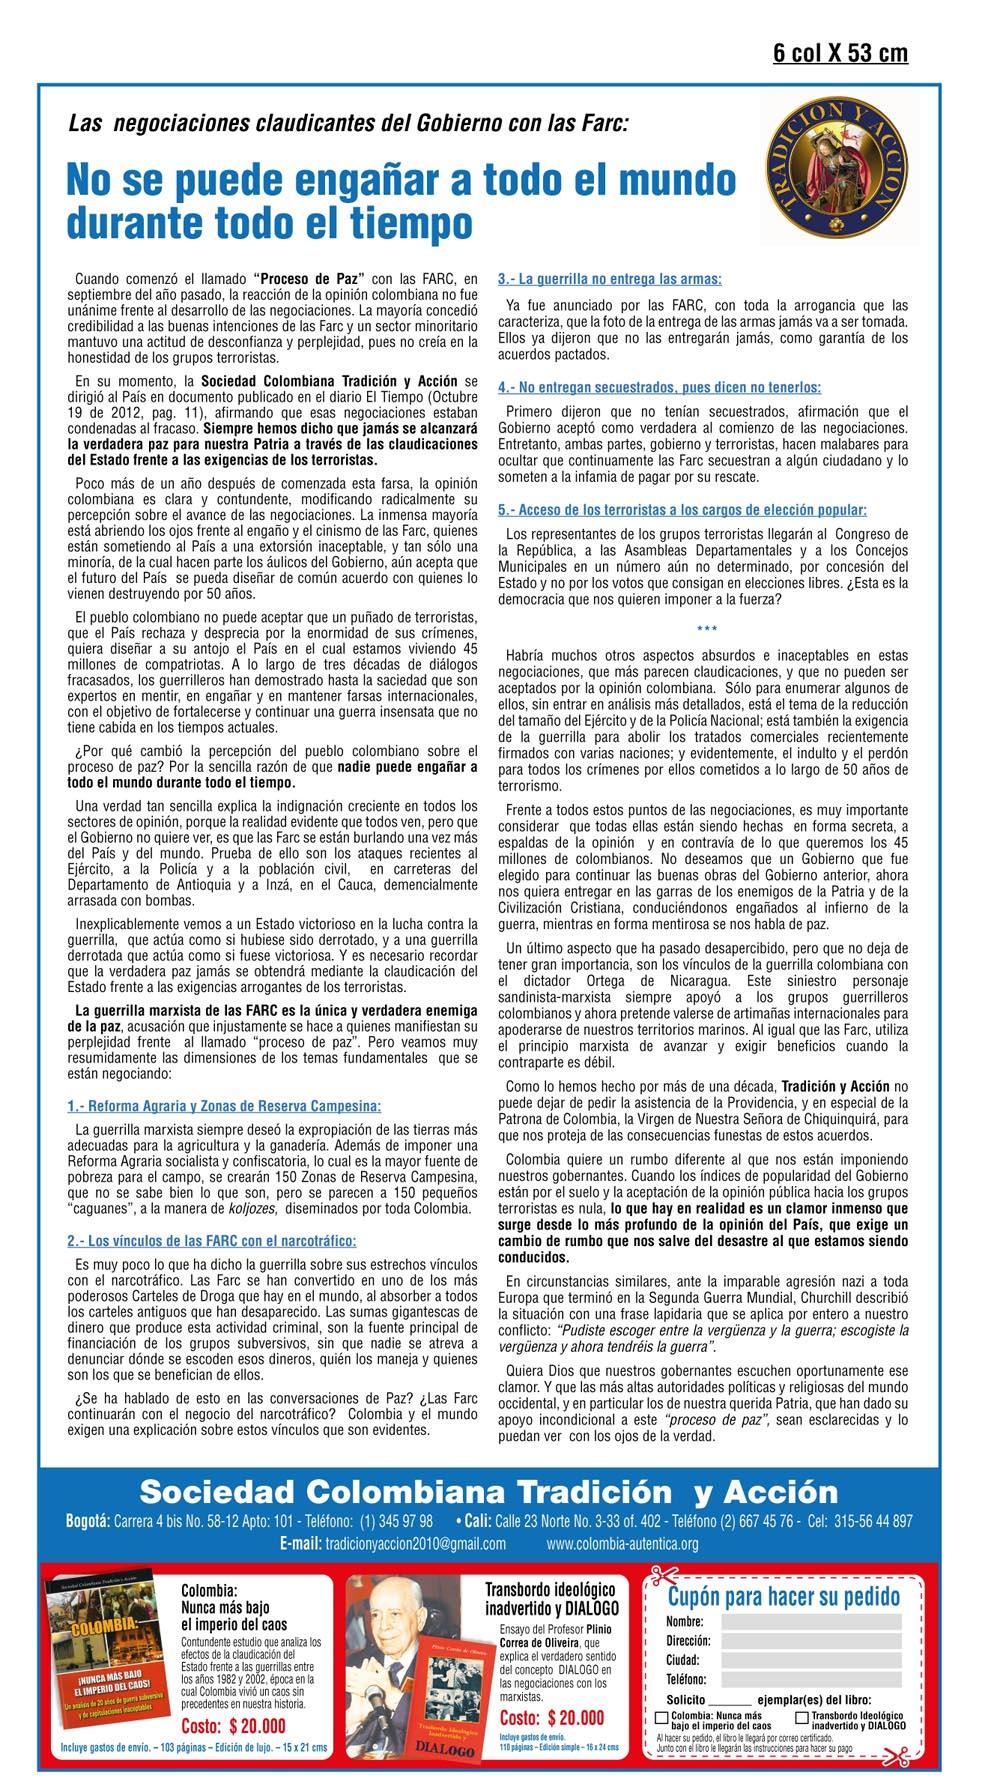 Manifiesto El Tiempo - Las negociaciones claudicantes del Gobierno con las Farc: No se puede engañar a todo el mundo durante todo el tiempo, 2013